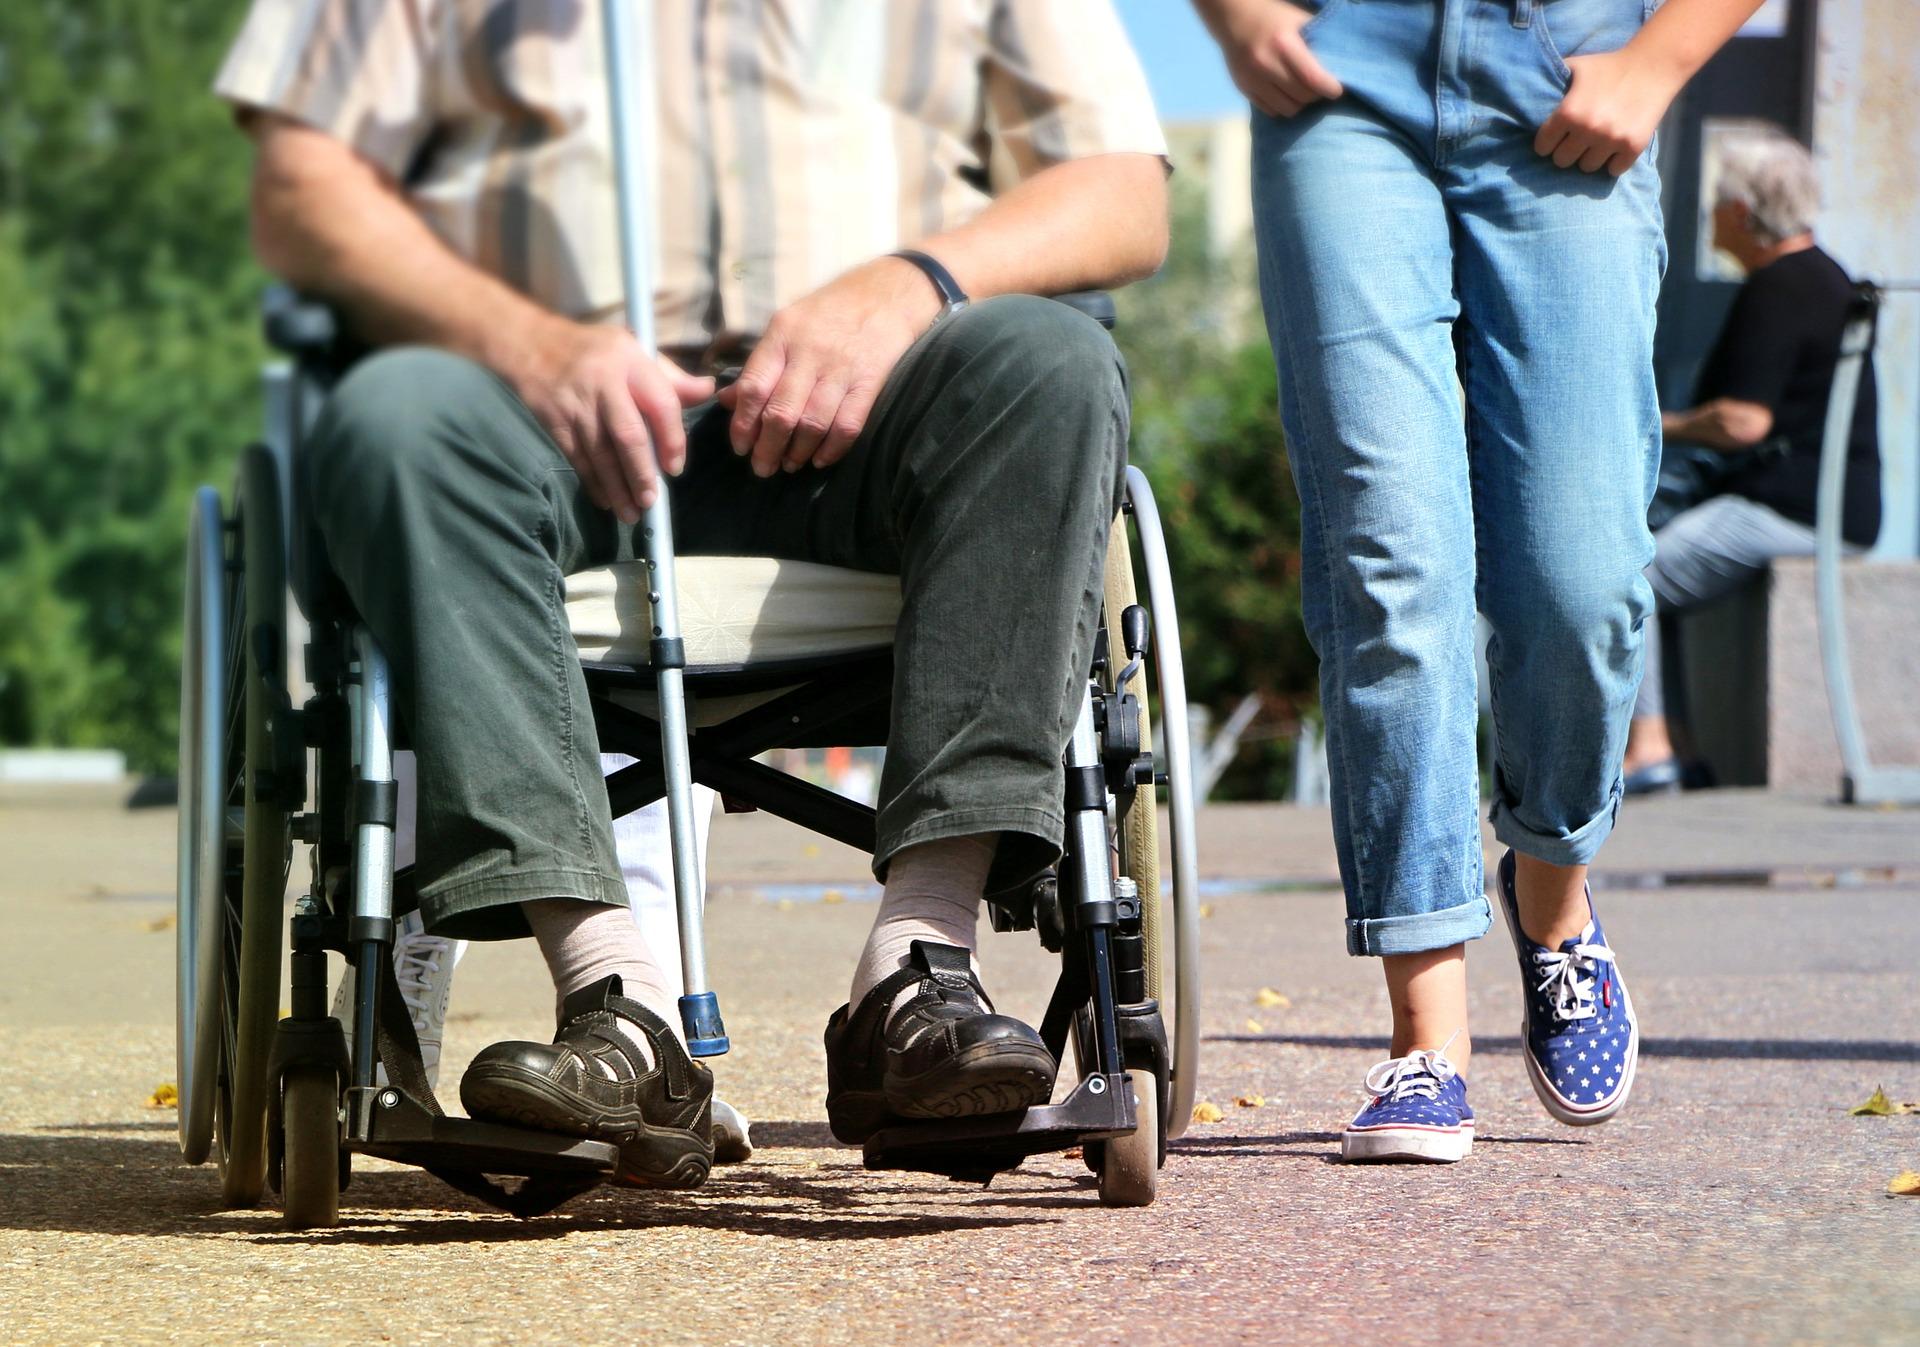 Zvišanje invalidnine in dodatka za tujo nego in pomoč